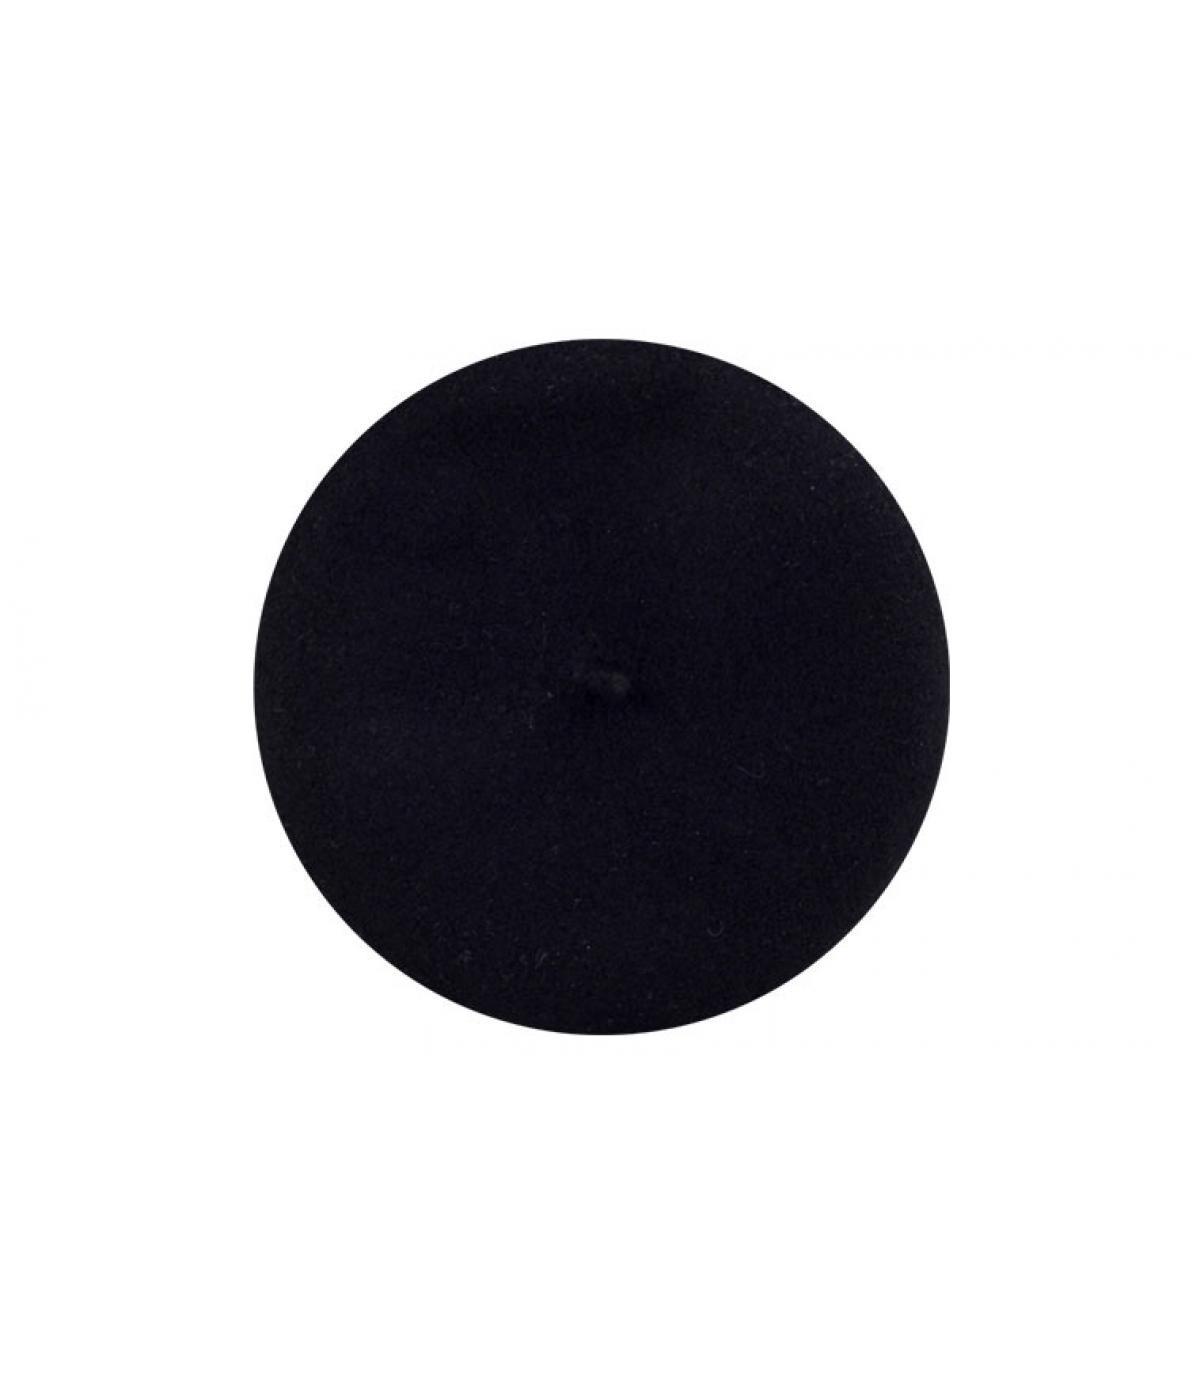 Gorro parisien negro